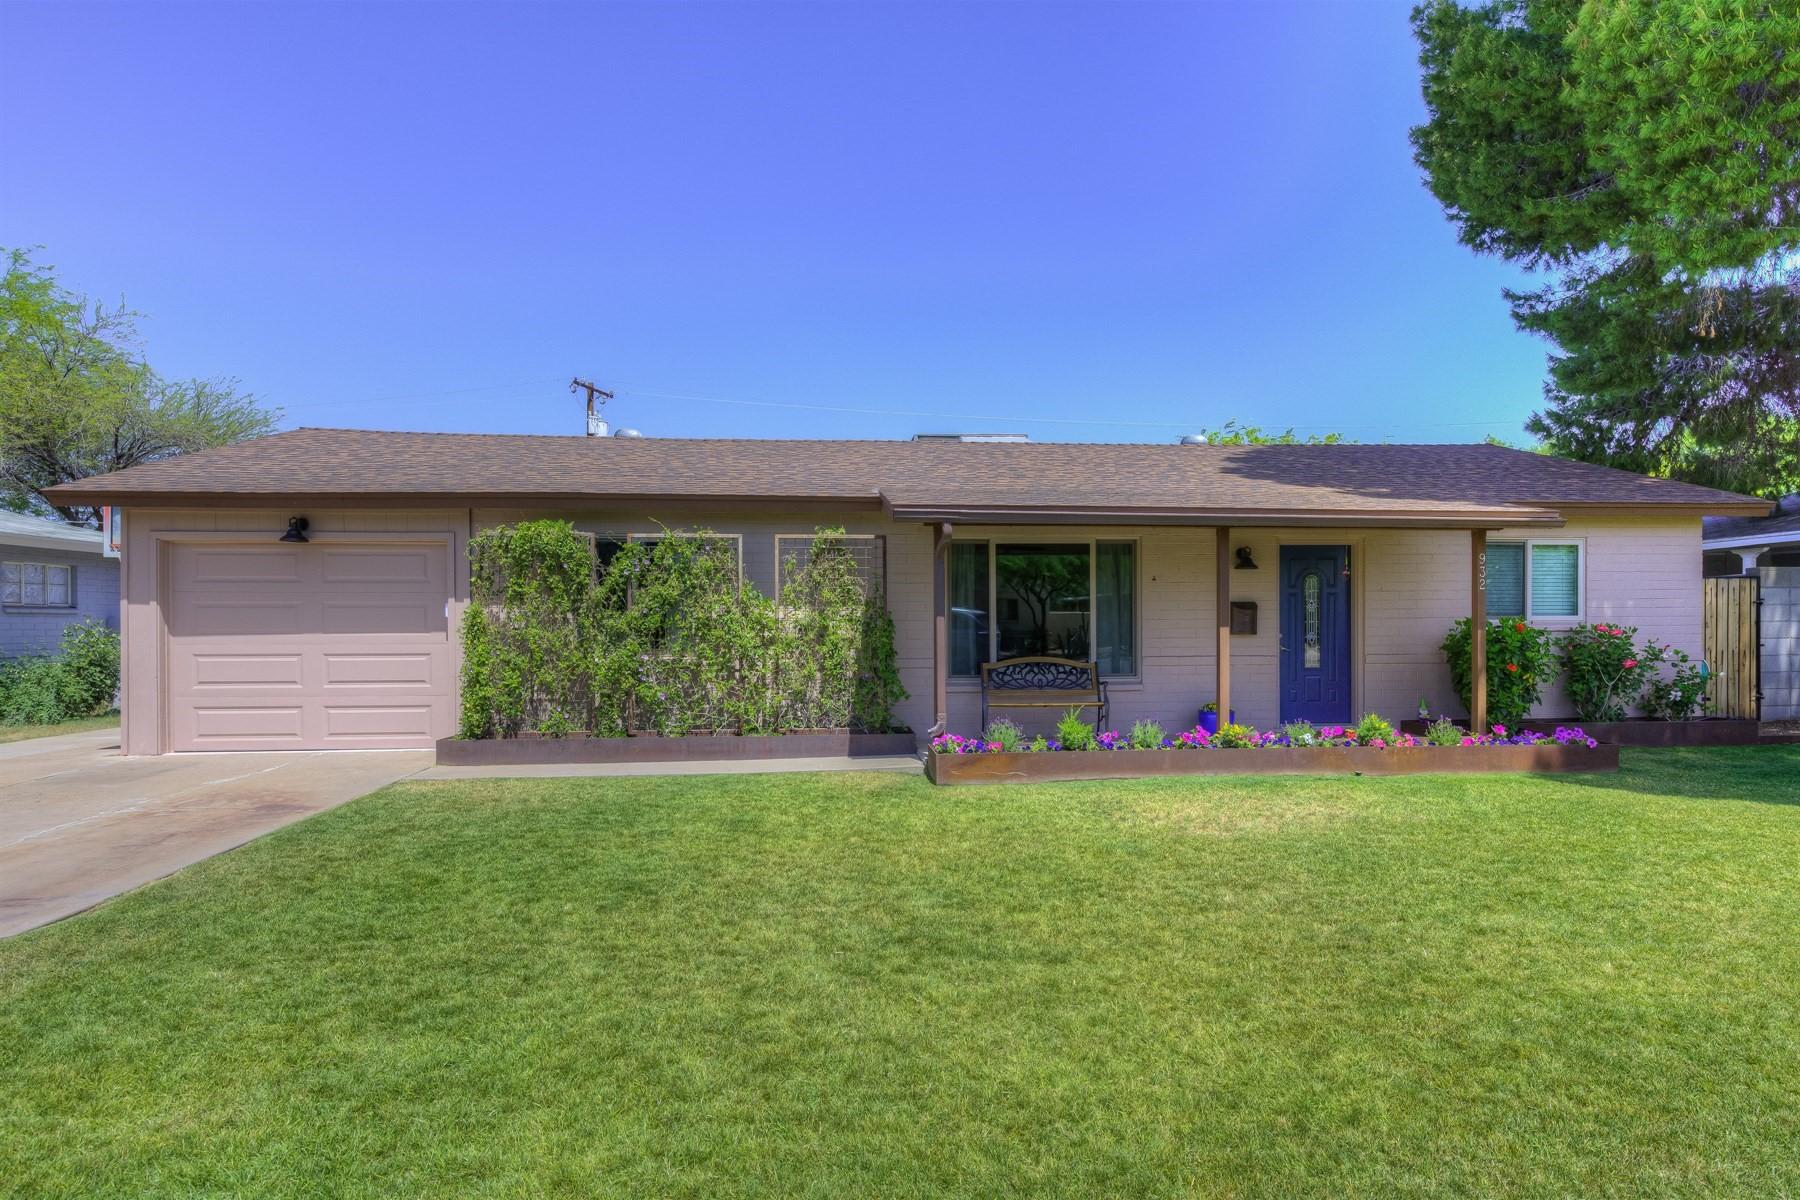 Частный односемейный дом для того Продажа на Cozy Central Corridor charmer located in Phoenix 932 E San Miguel Ave Phoenix, Аризона, 85014 Соединенные Штаты